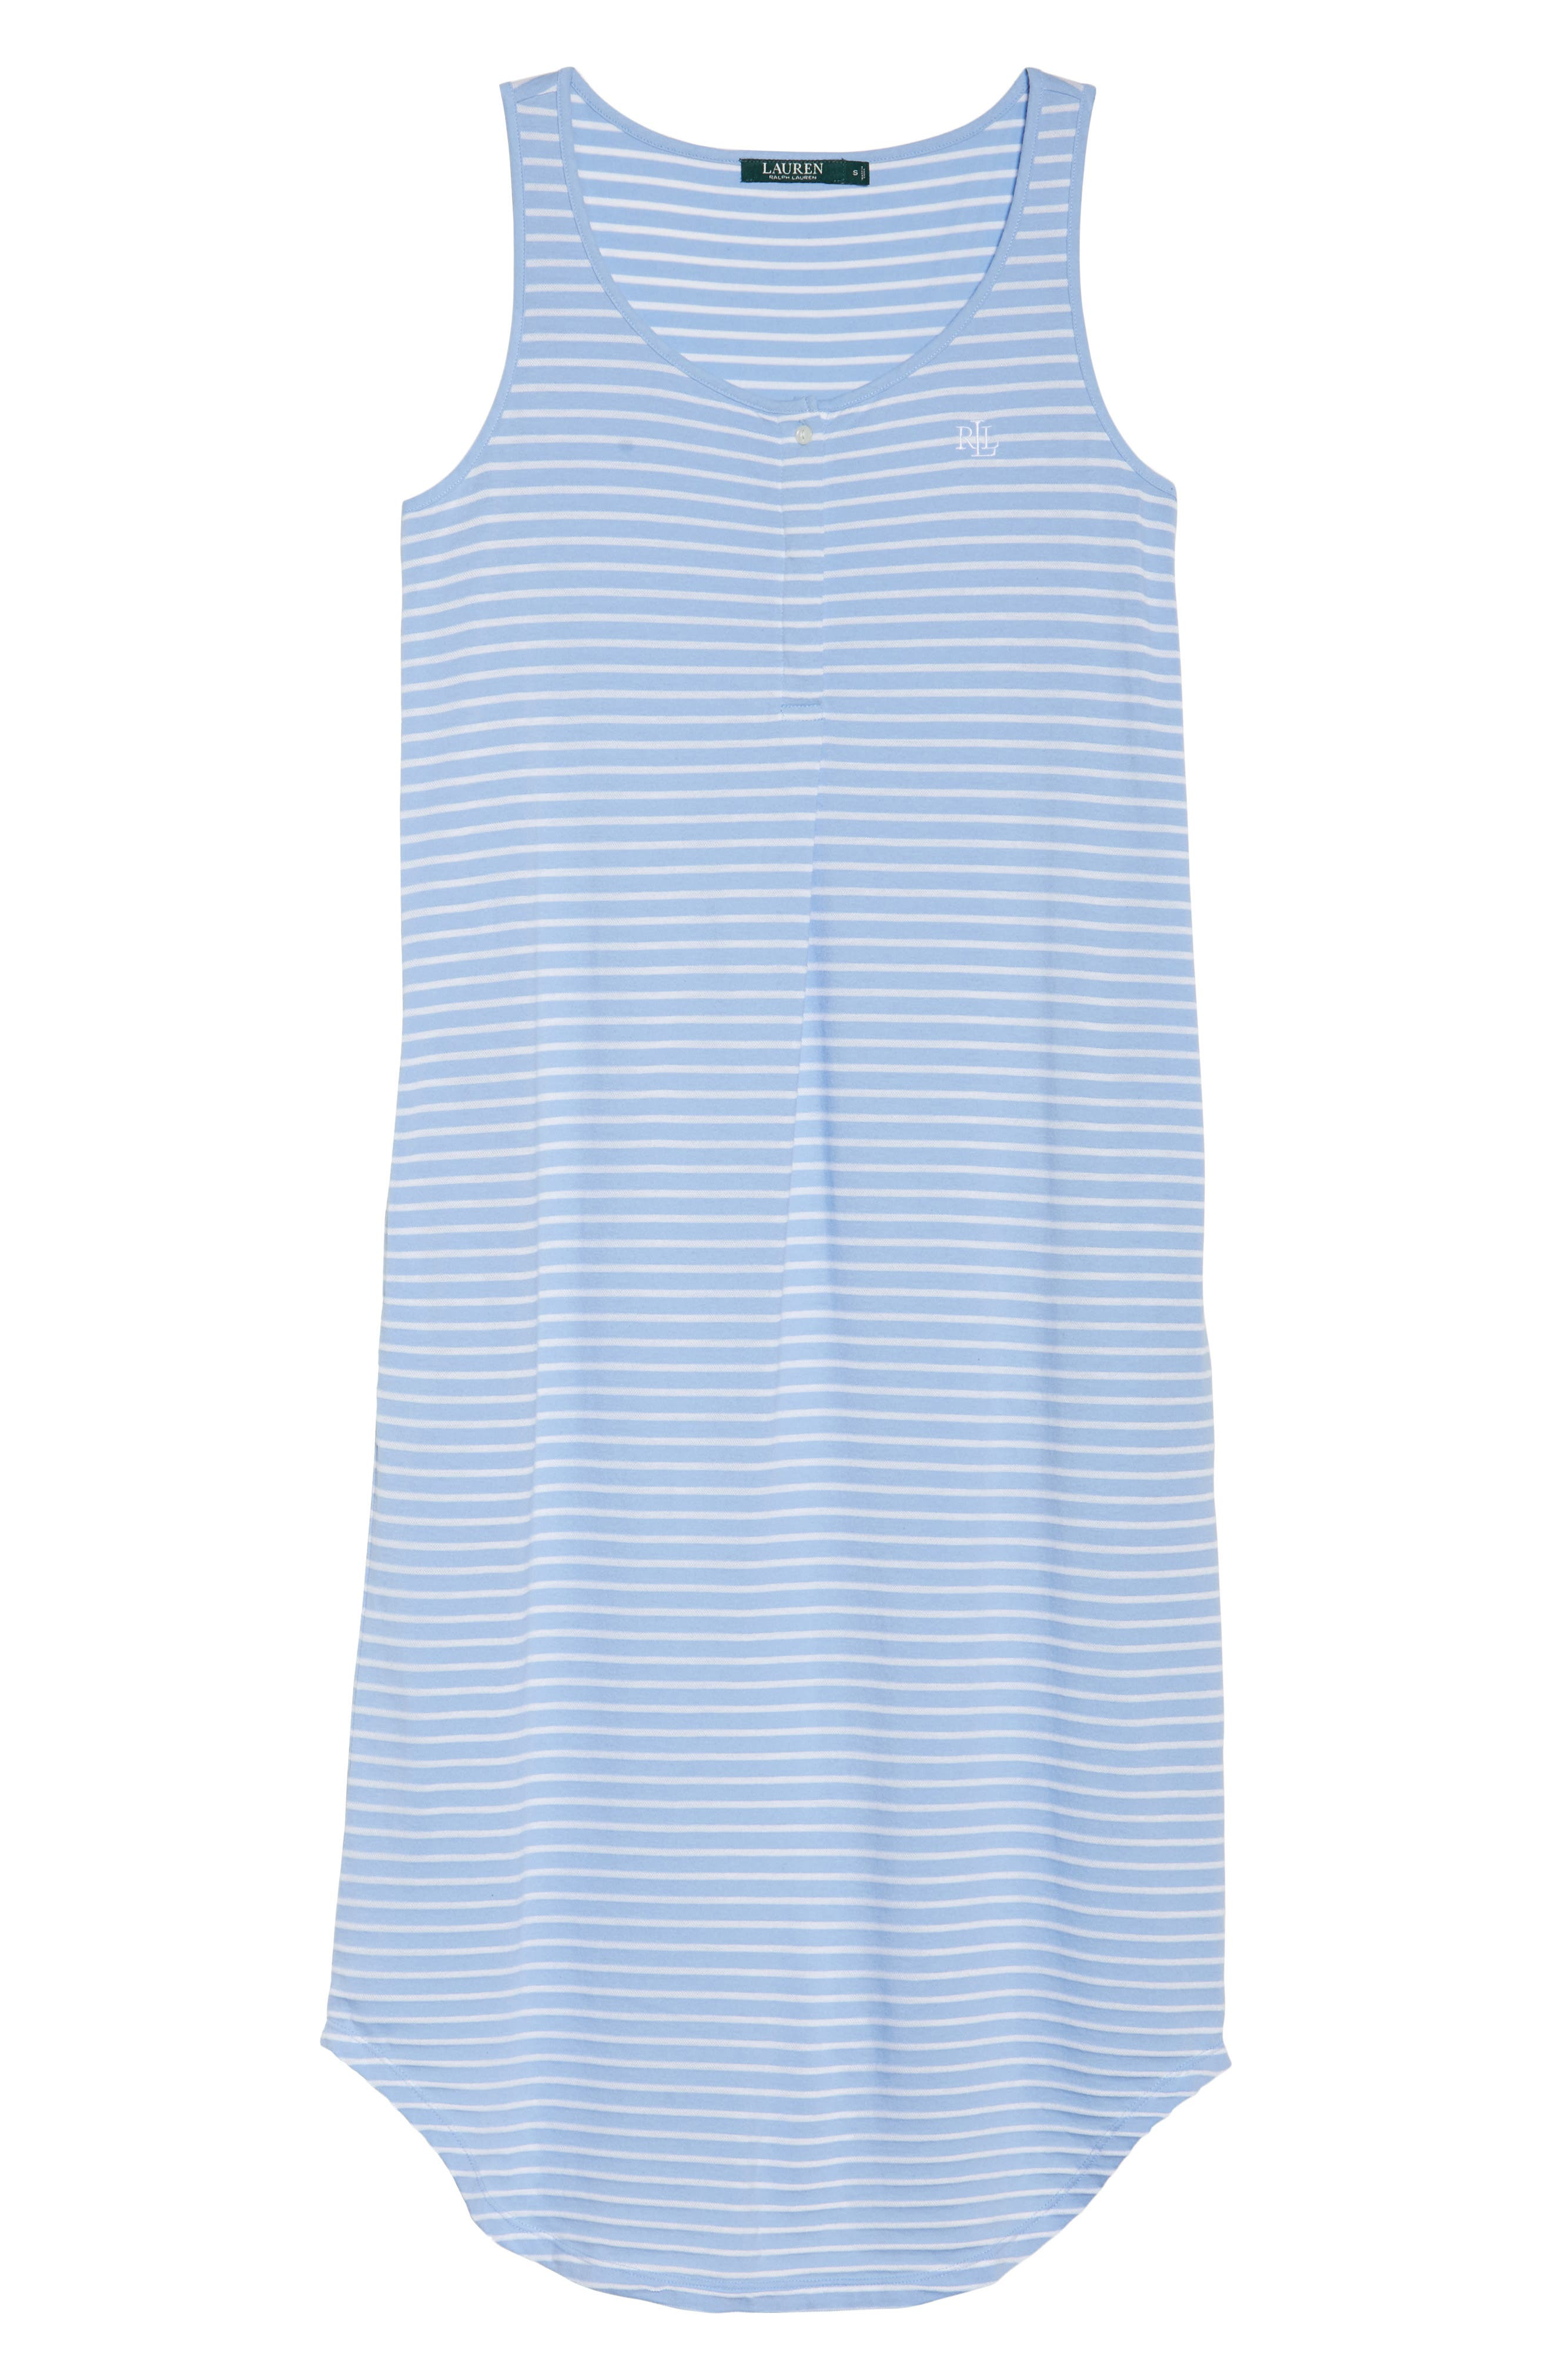 Piqué Cotton Ballet Gown,                             Alternate thumbnail 4, color,                             Blue Stripe